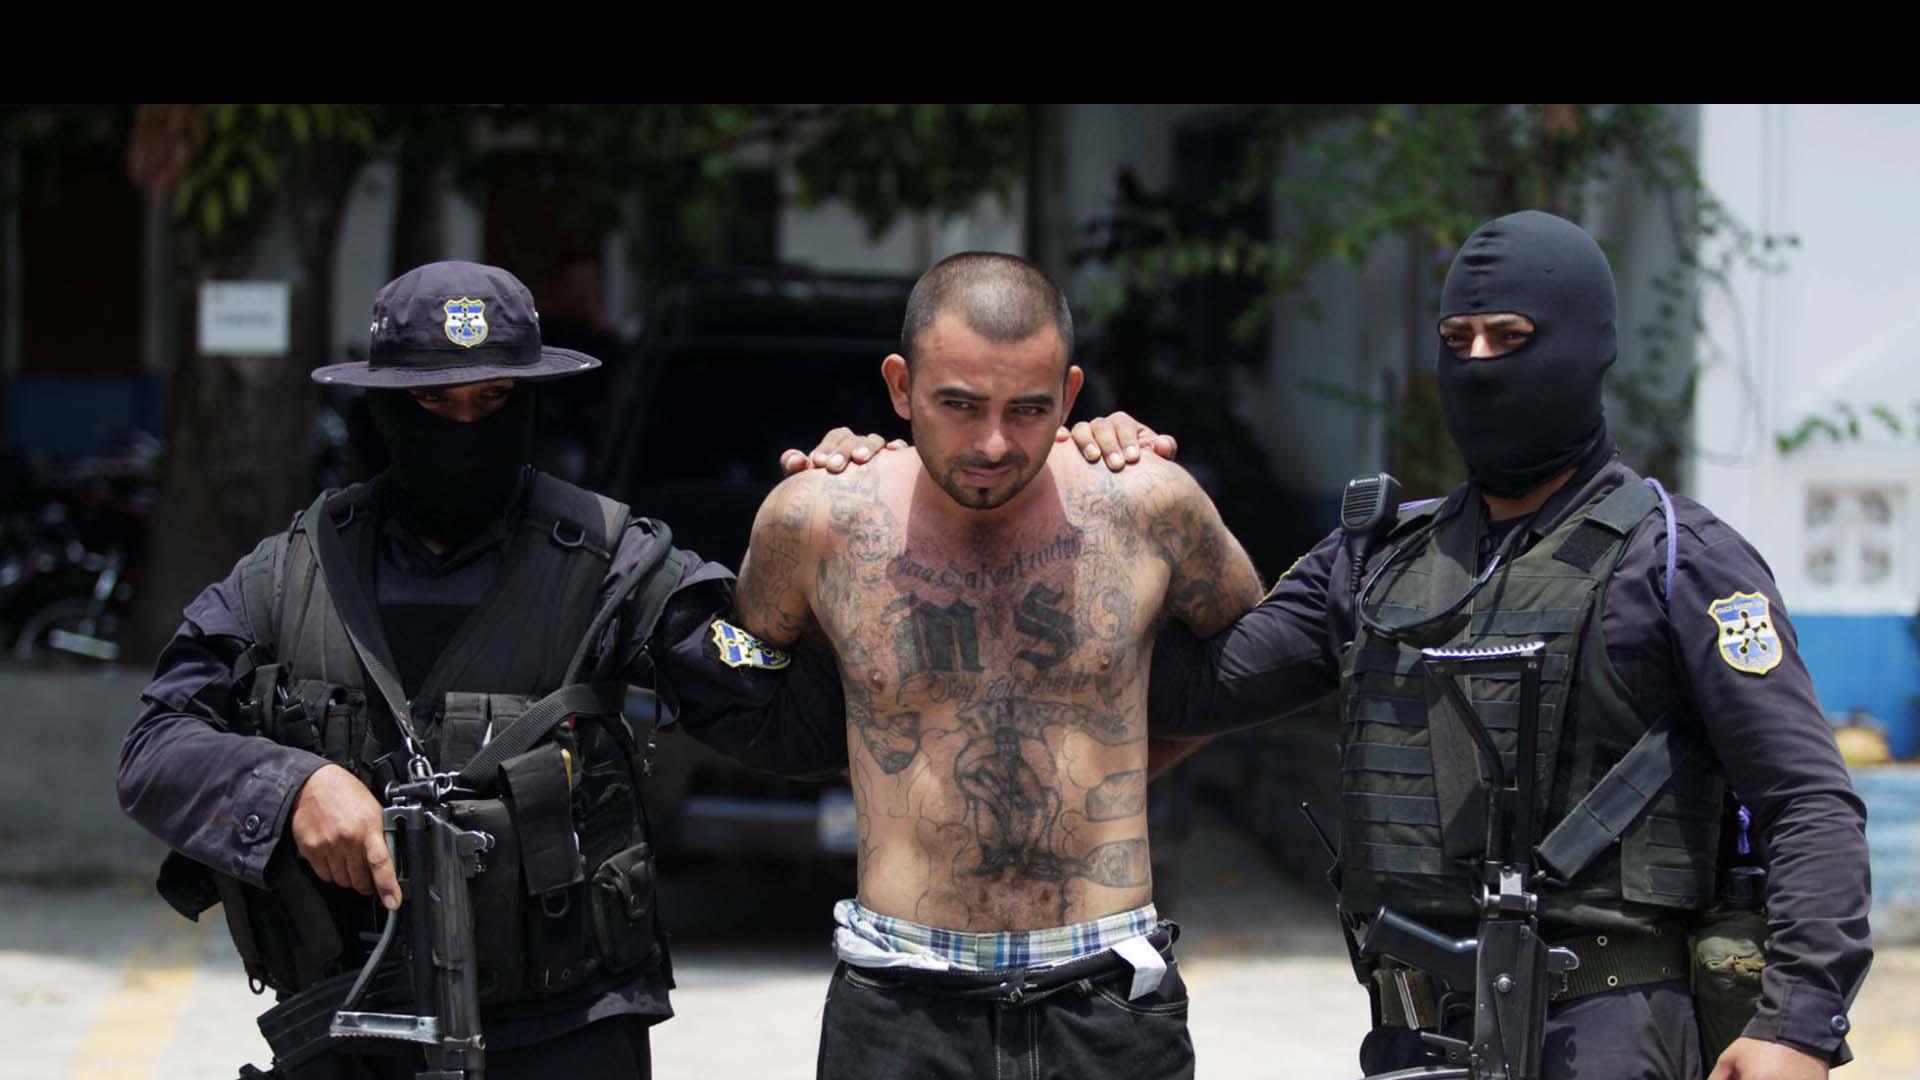 Pertenecientes a la pandilla más grande de El Salvador serán procesados por lavado de dinero, extorsiones, narcotráfico y otros delitos